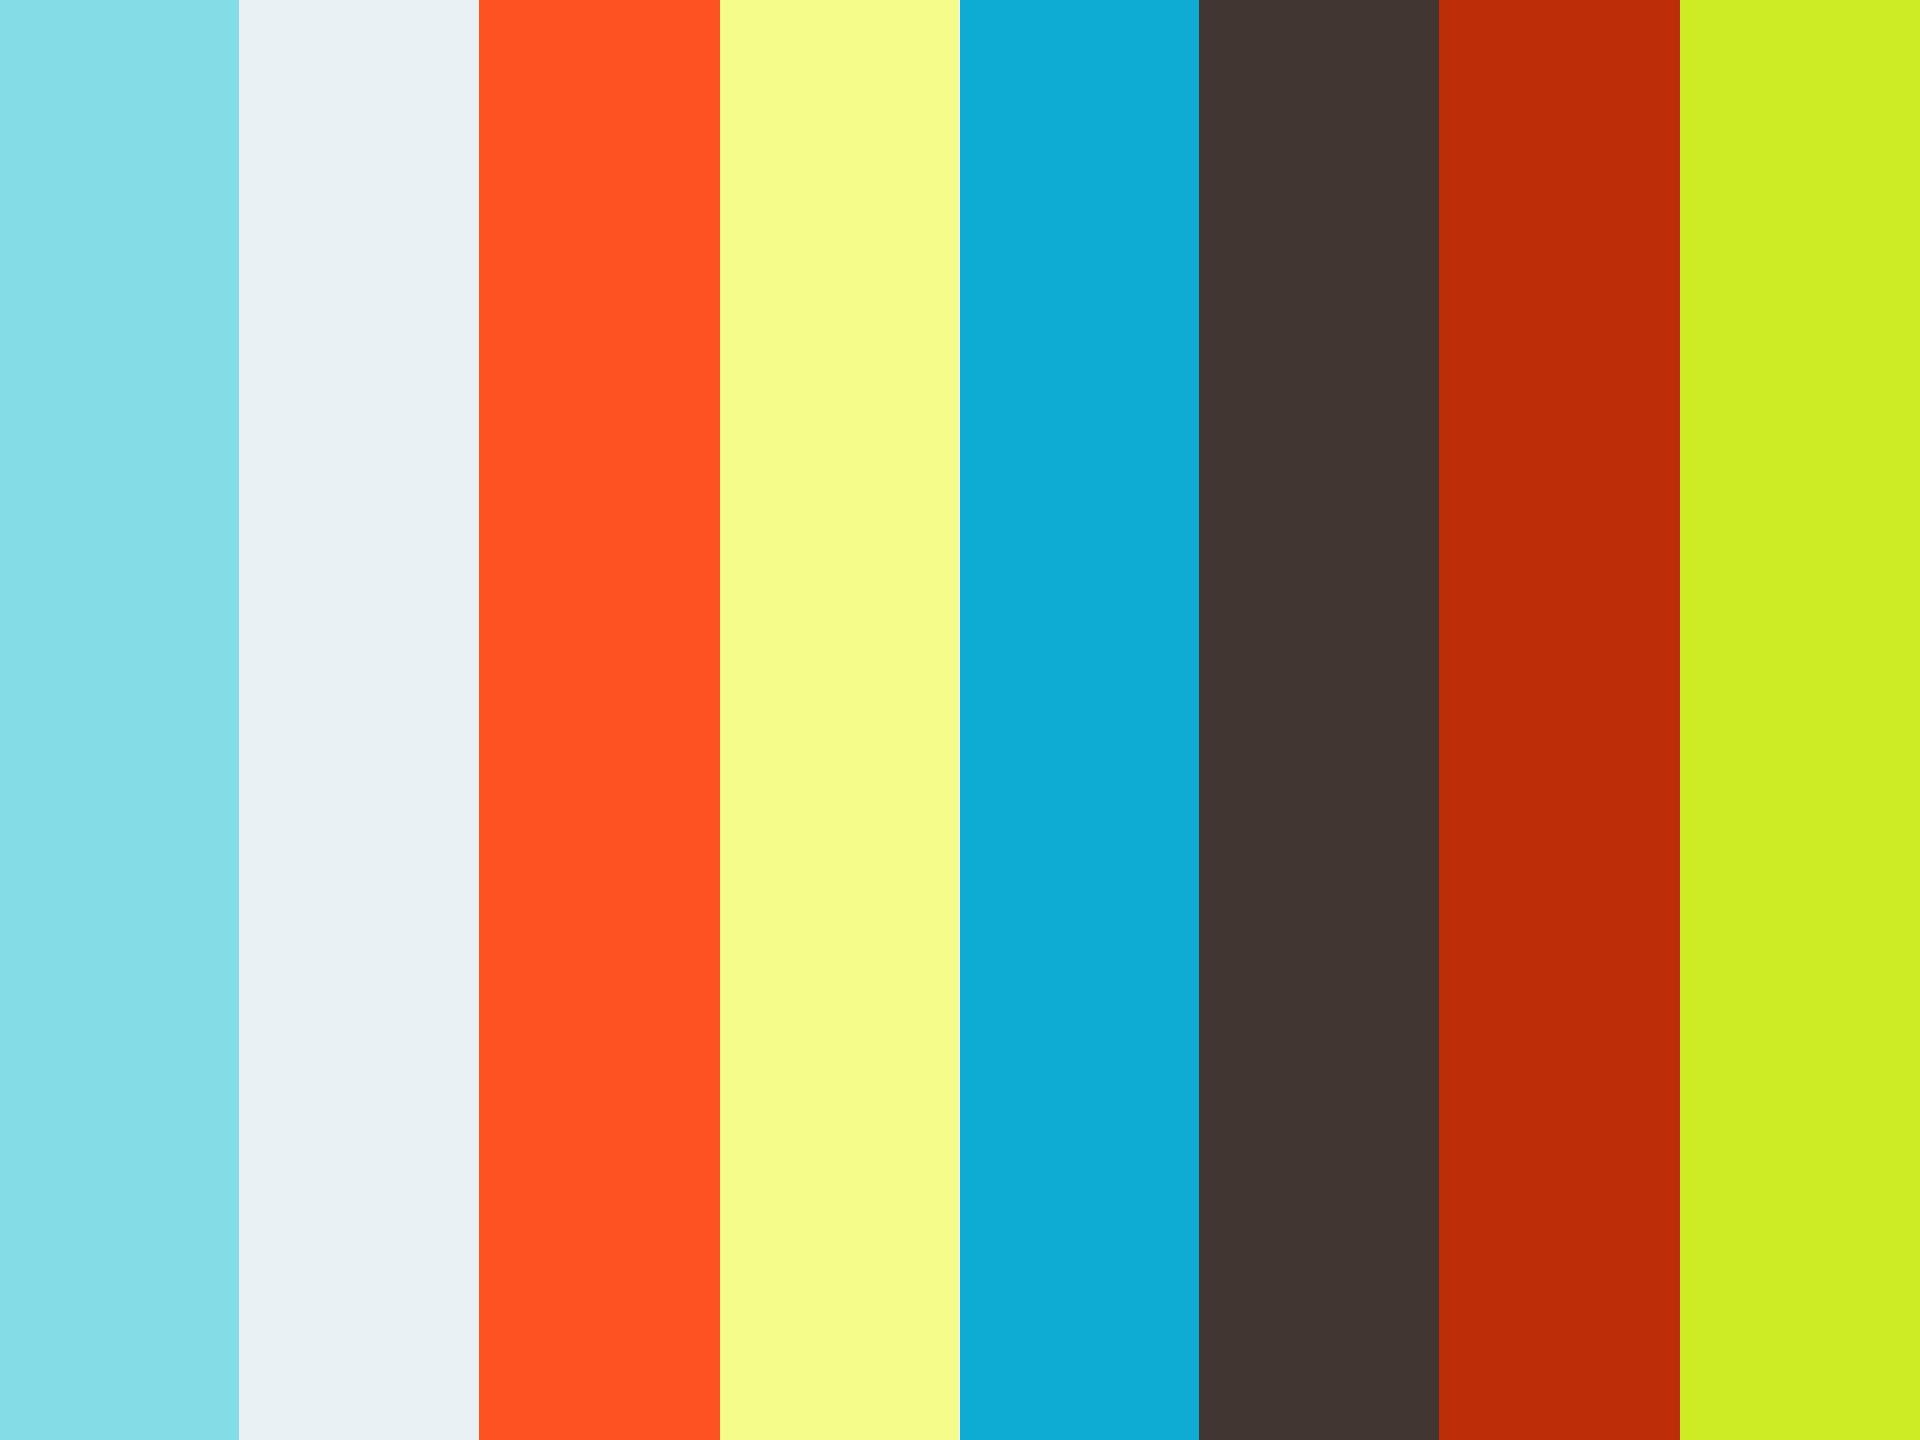 FERNANDO TORRES (Alcalde Barbastro) PILAR ABAD (Concejal deportes) Análisis del Campeonato de España master de lanzamientos largos / Barbastro 28-02-2021